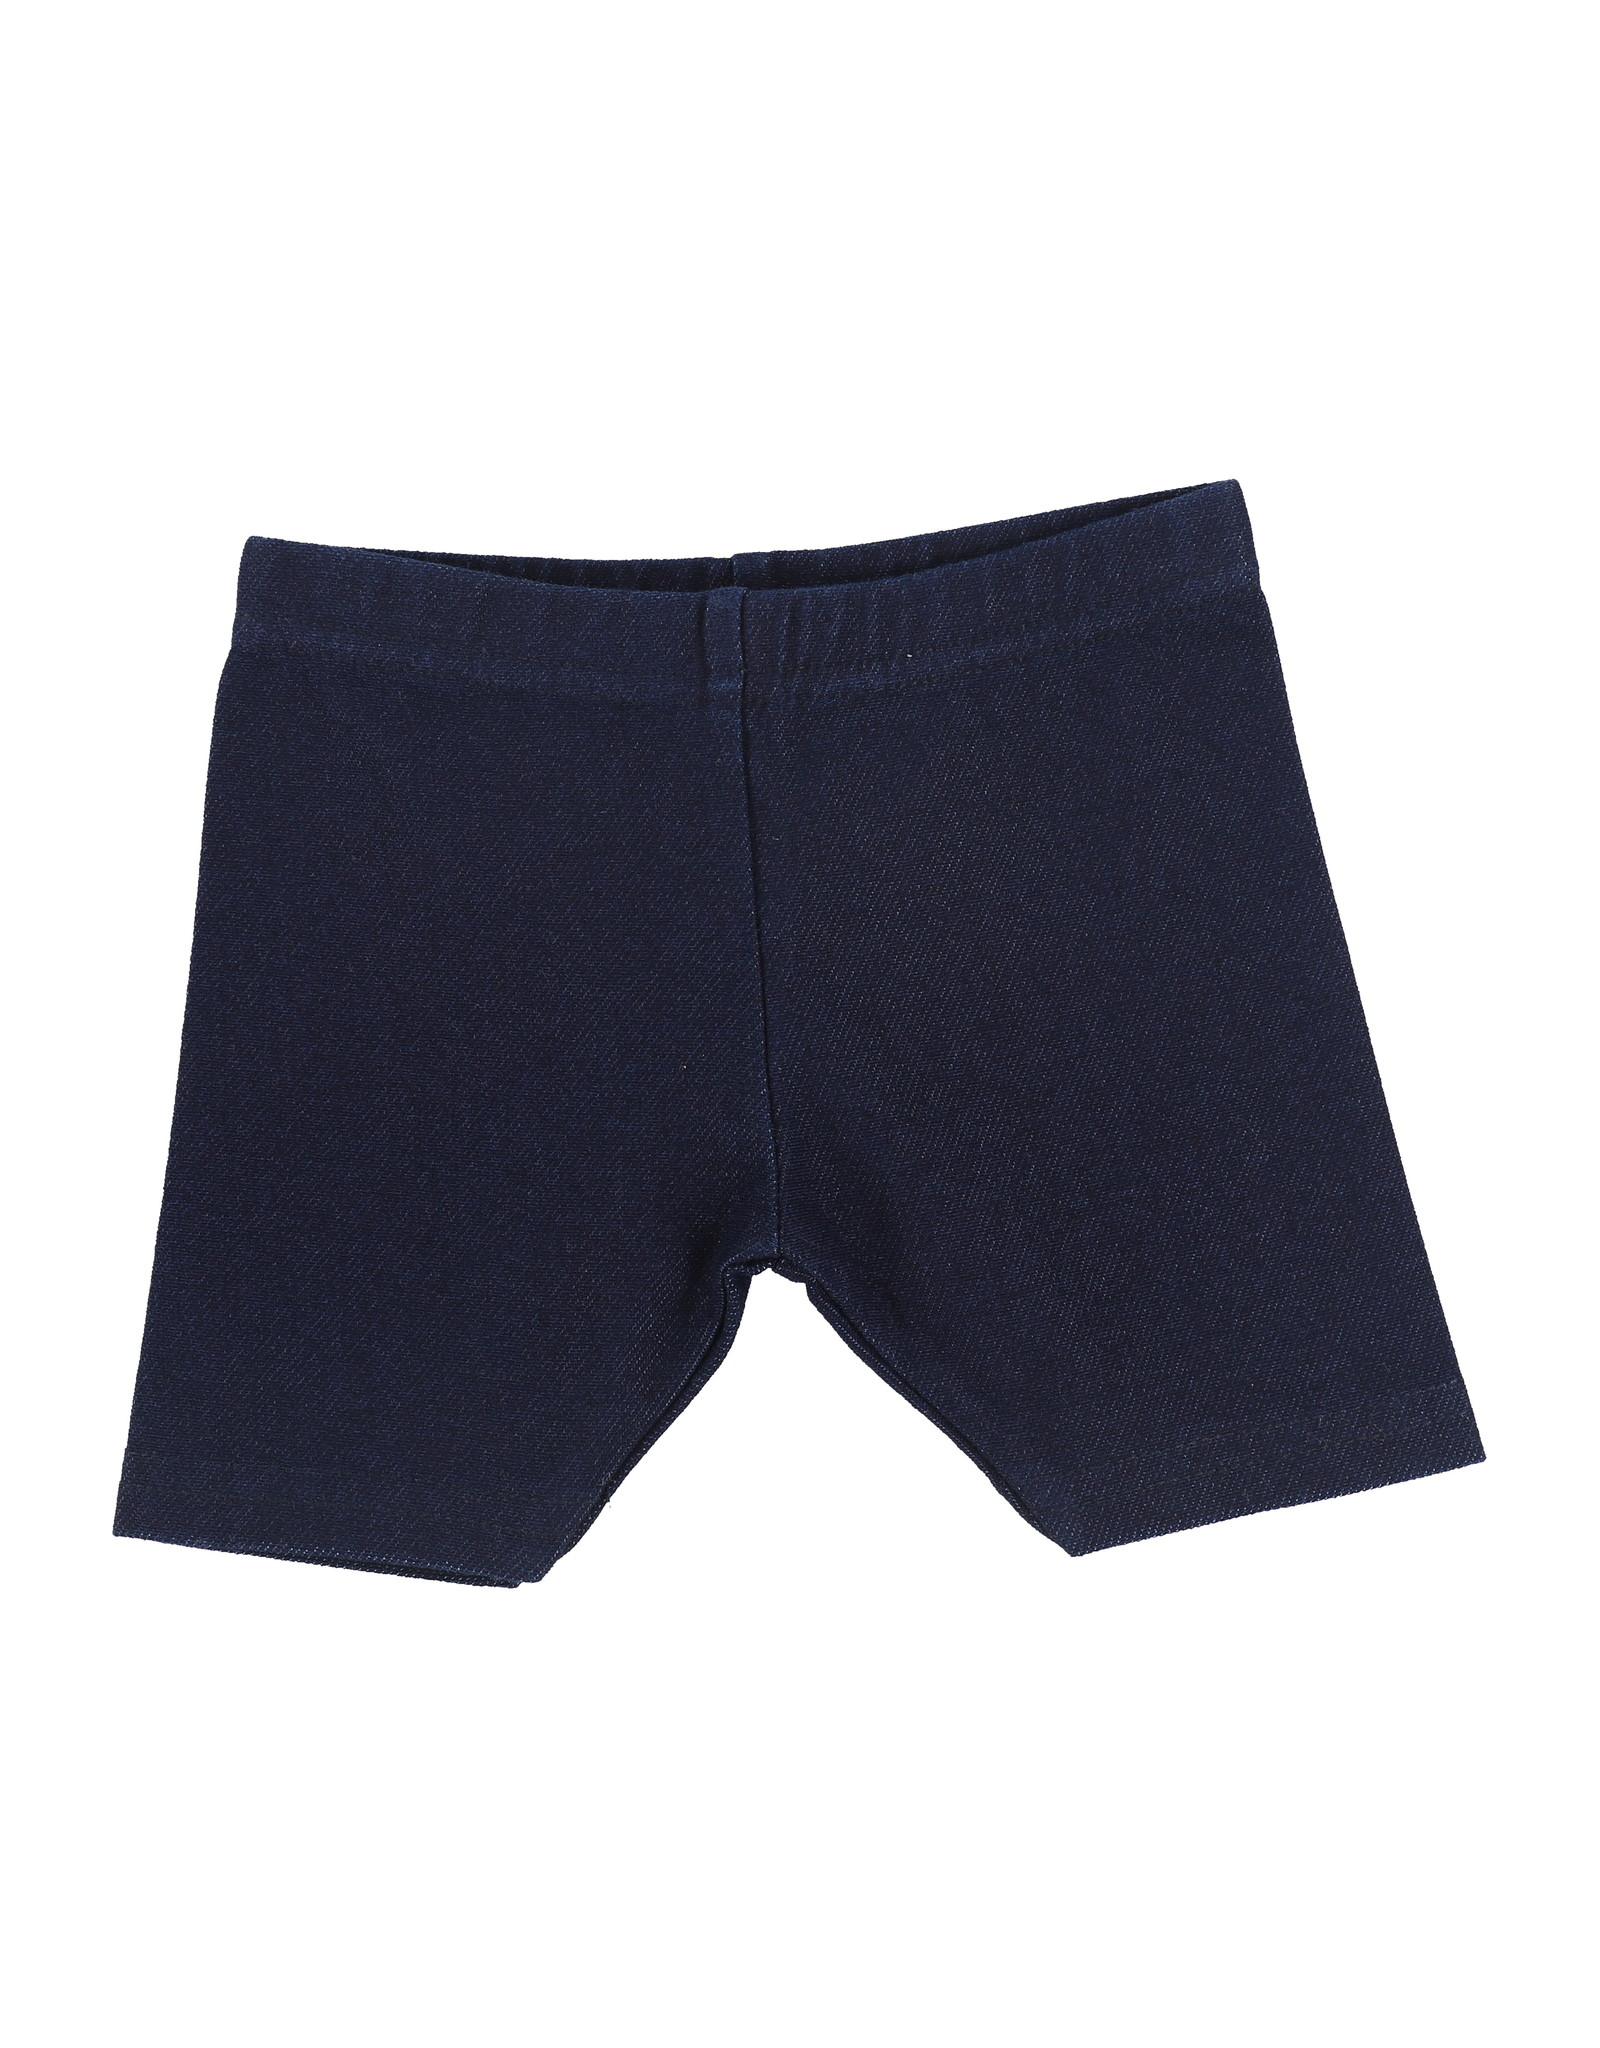 LIL LEGS Lil Legs Jean Shorts